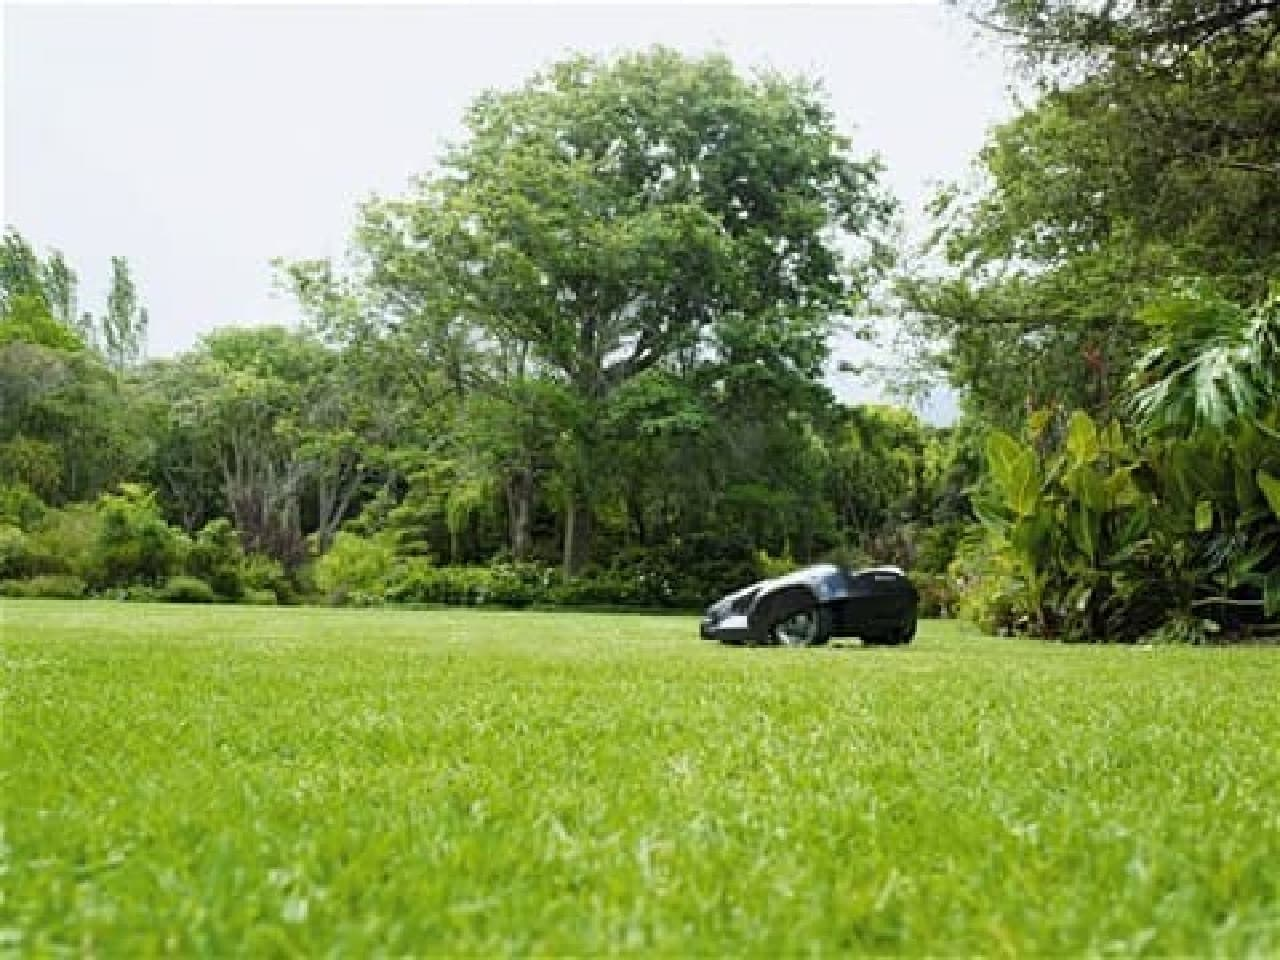 少しずつ、頻繁に刈ることで健康な芝生を育てる